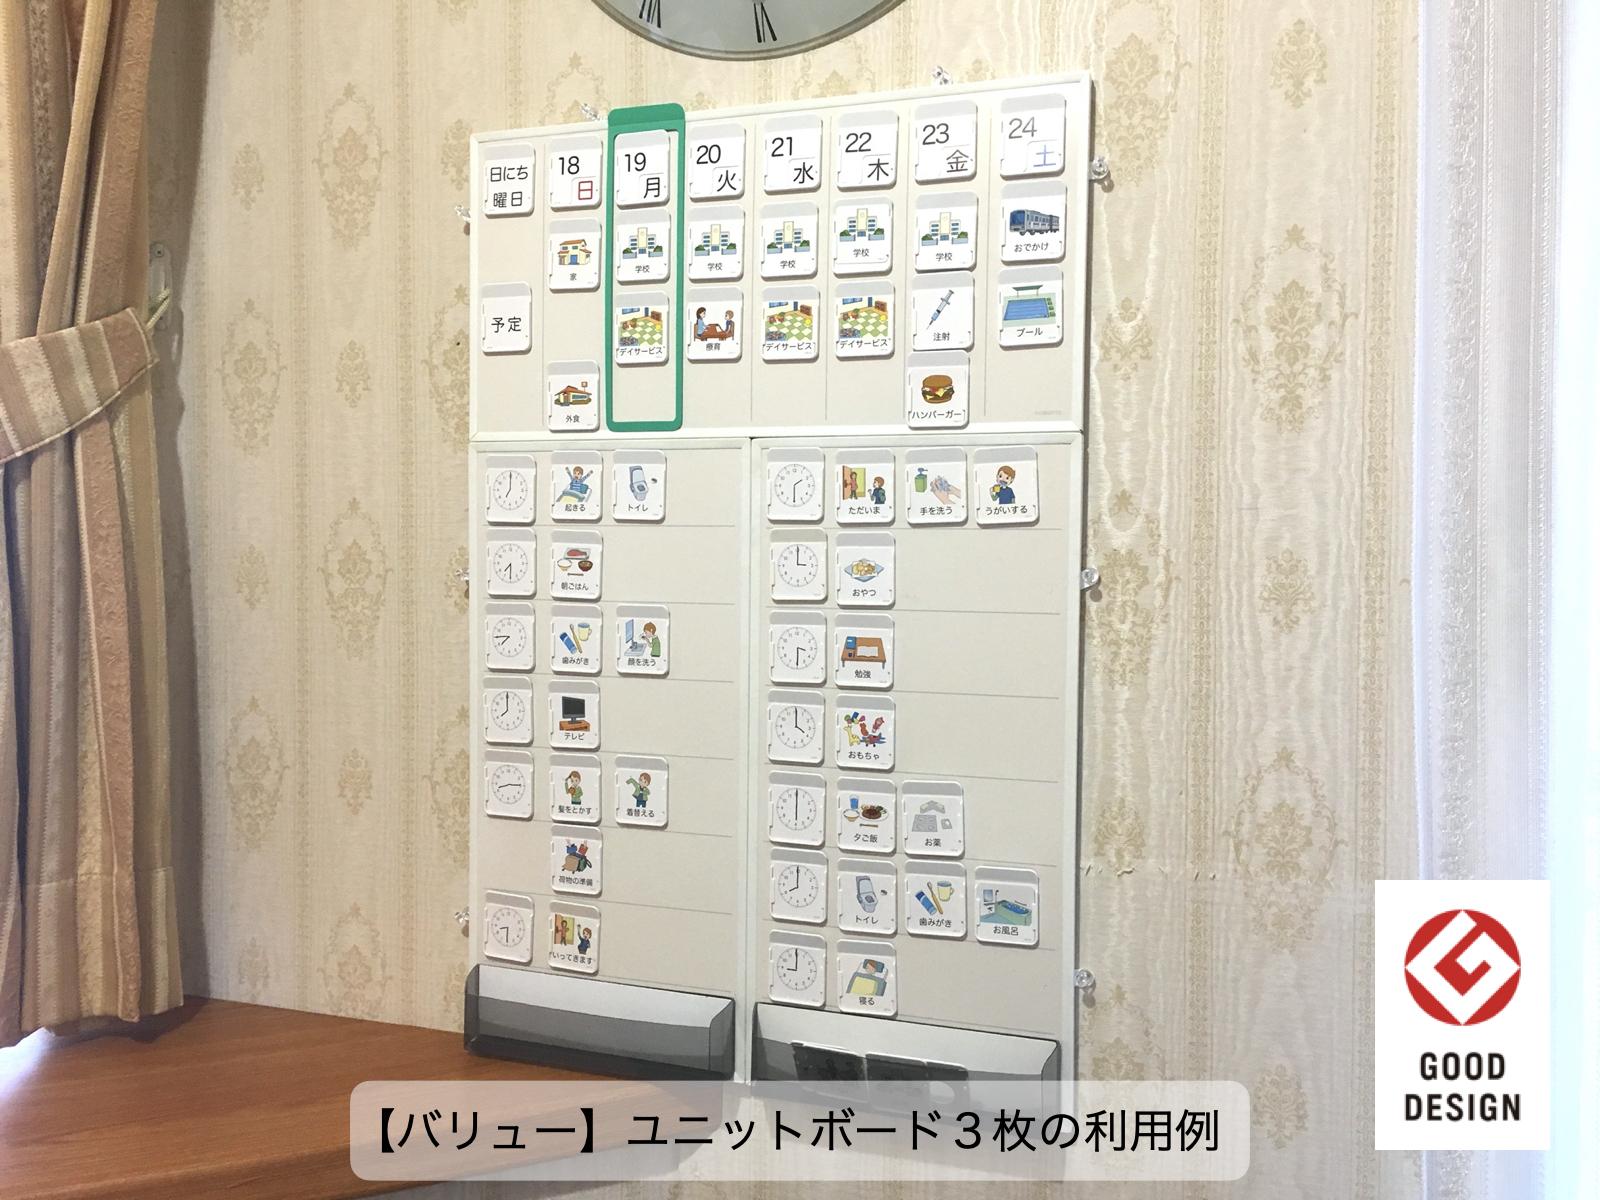 コバリテ視覚支援スタートキット:家庭での設置例(ボード3枚)